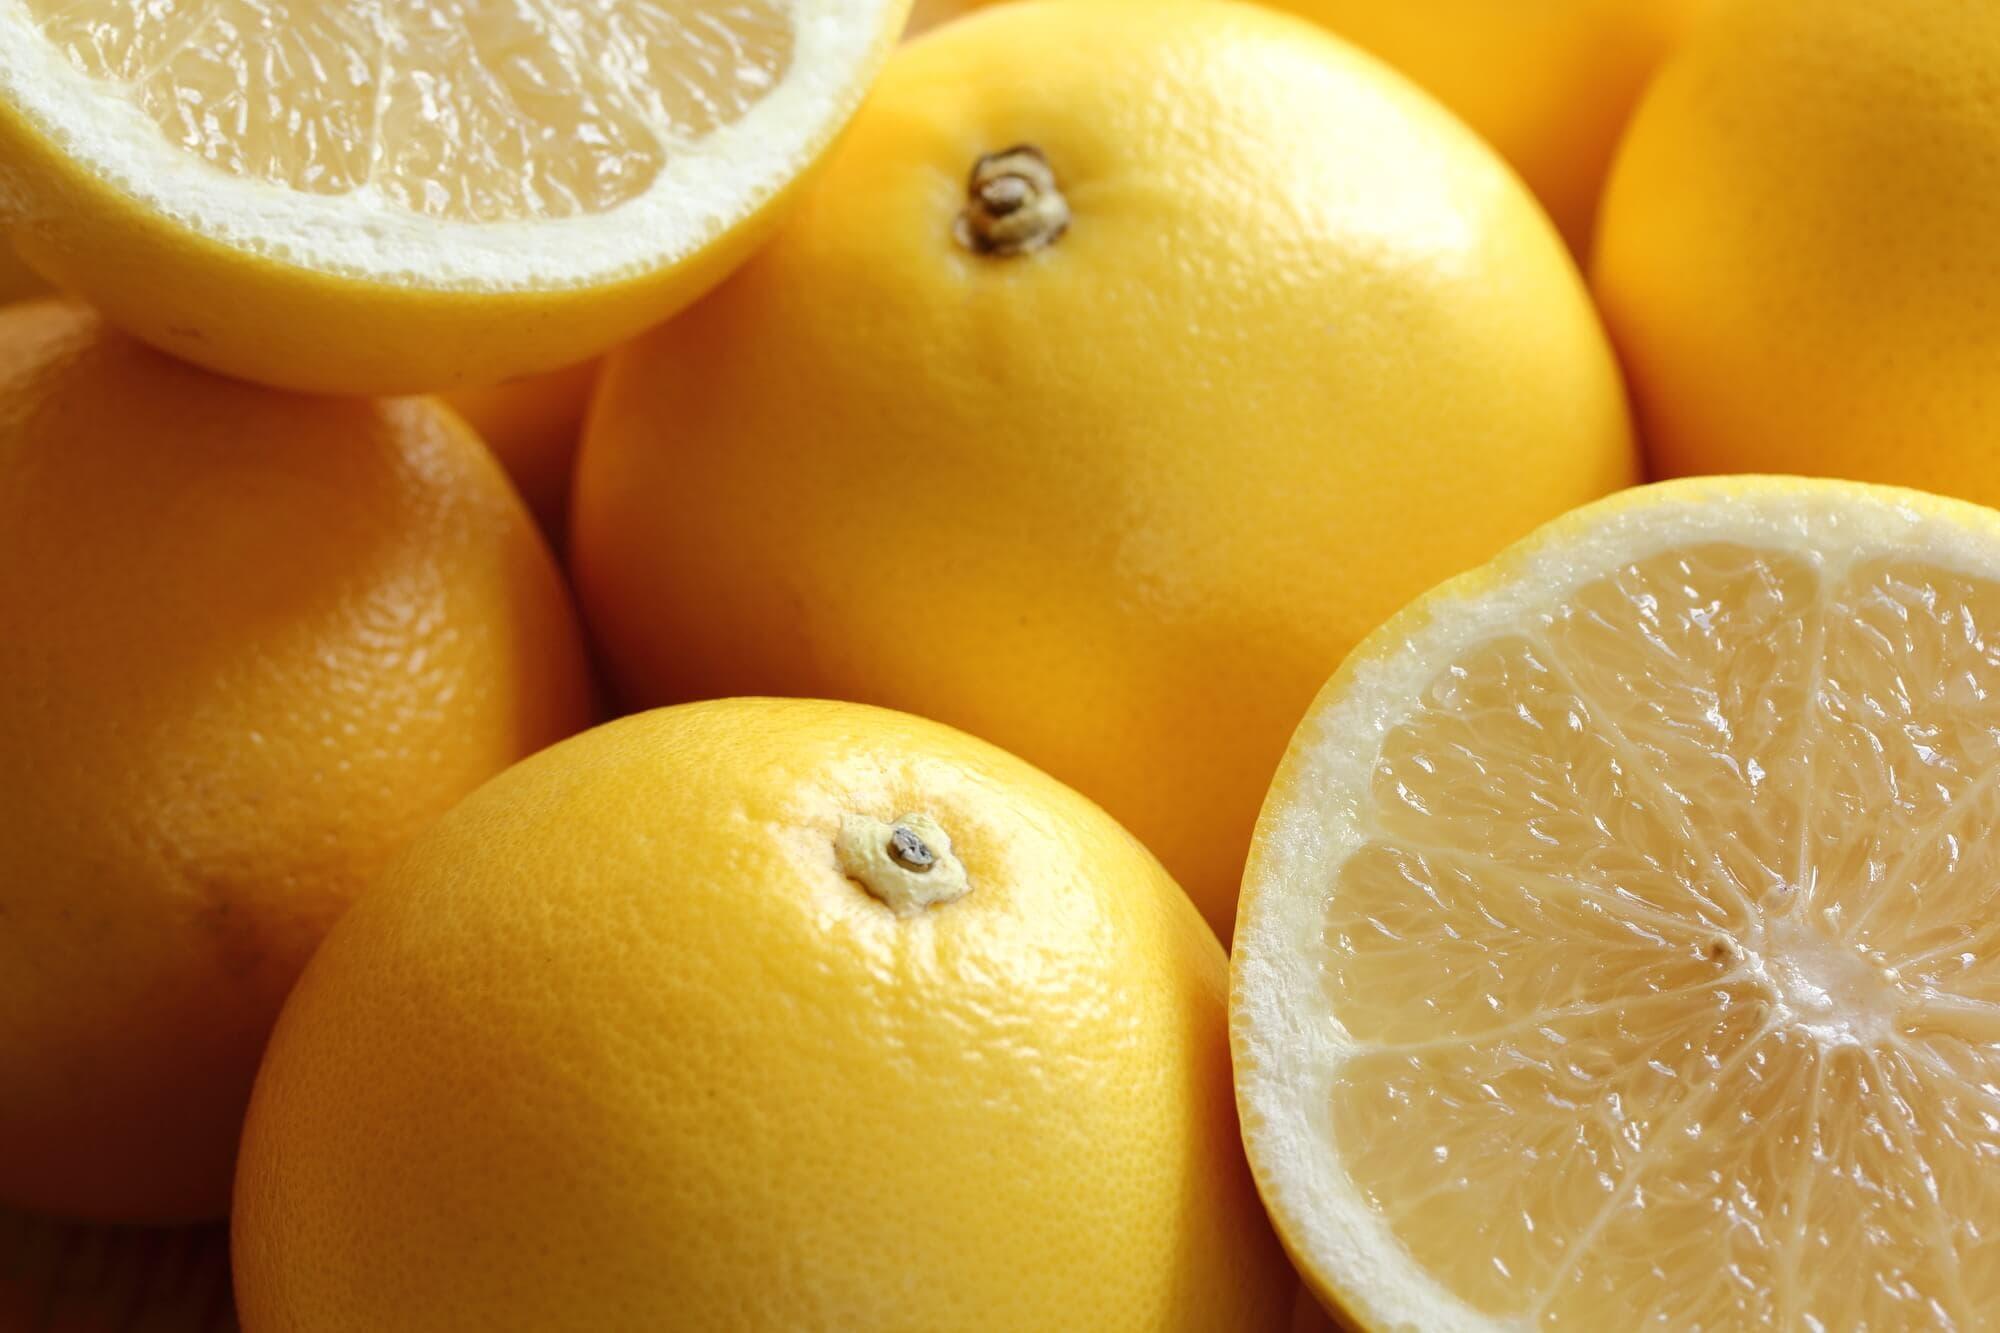 「グレープフルーツ アロマ」の画像検索結果